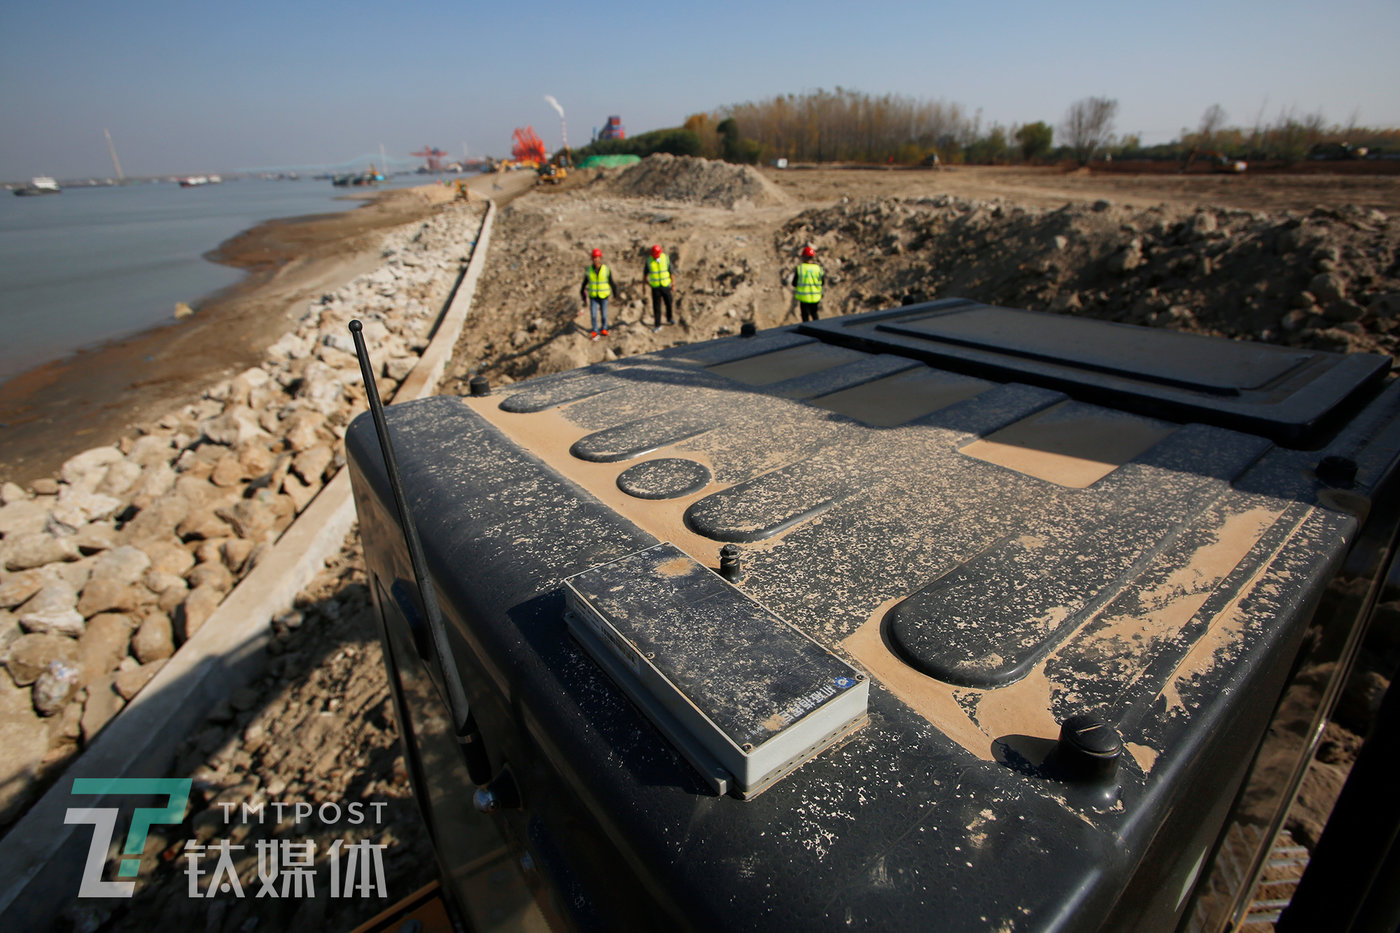 南京某市政工程项目工地,一台挖掘机车顶安装的机械指挥官智能终端。